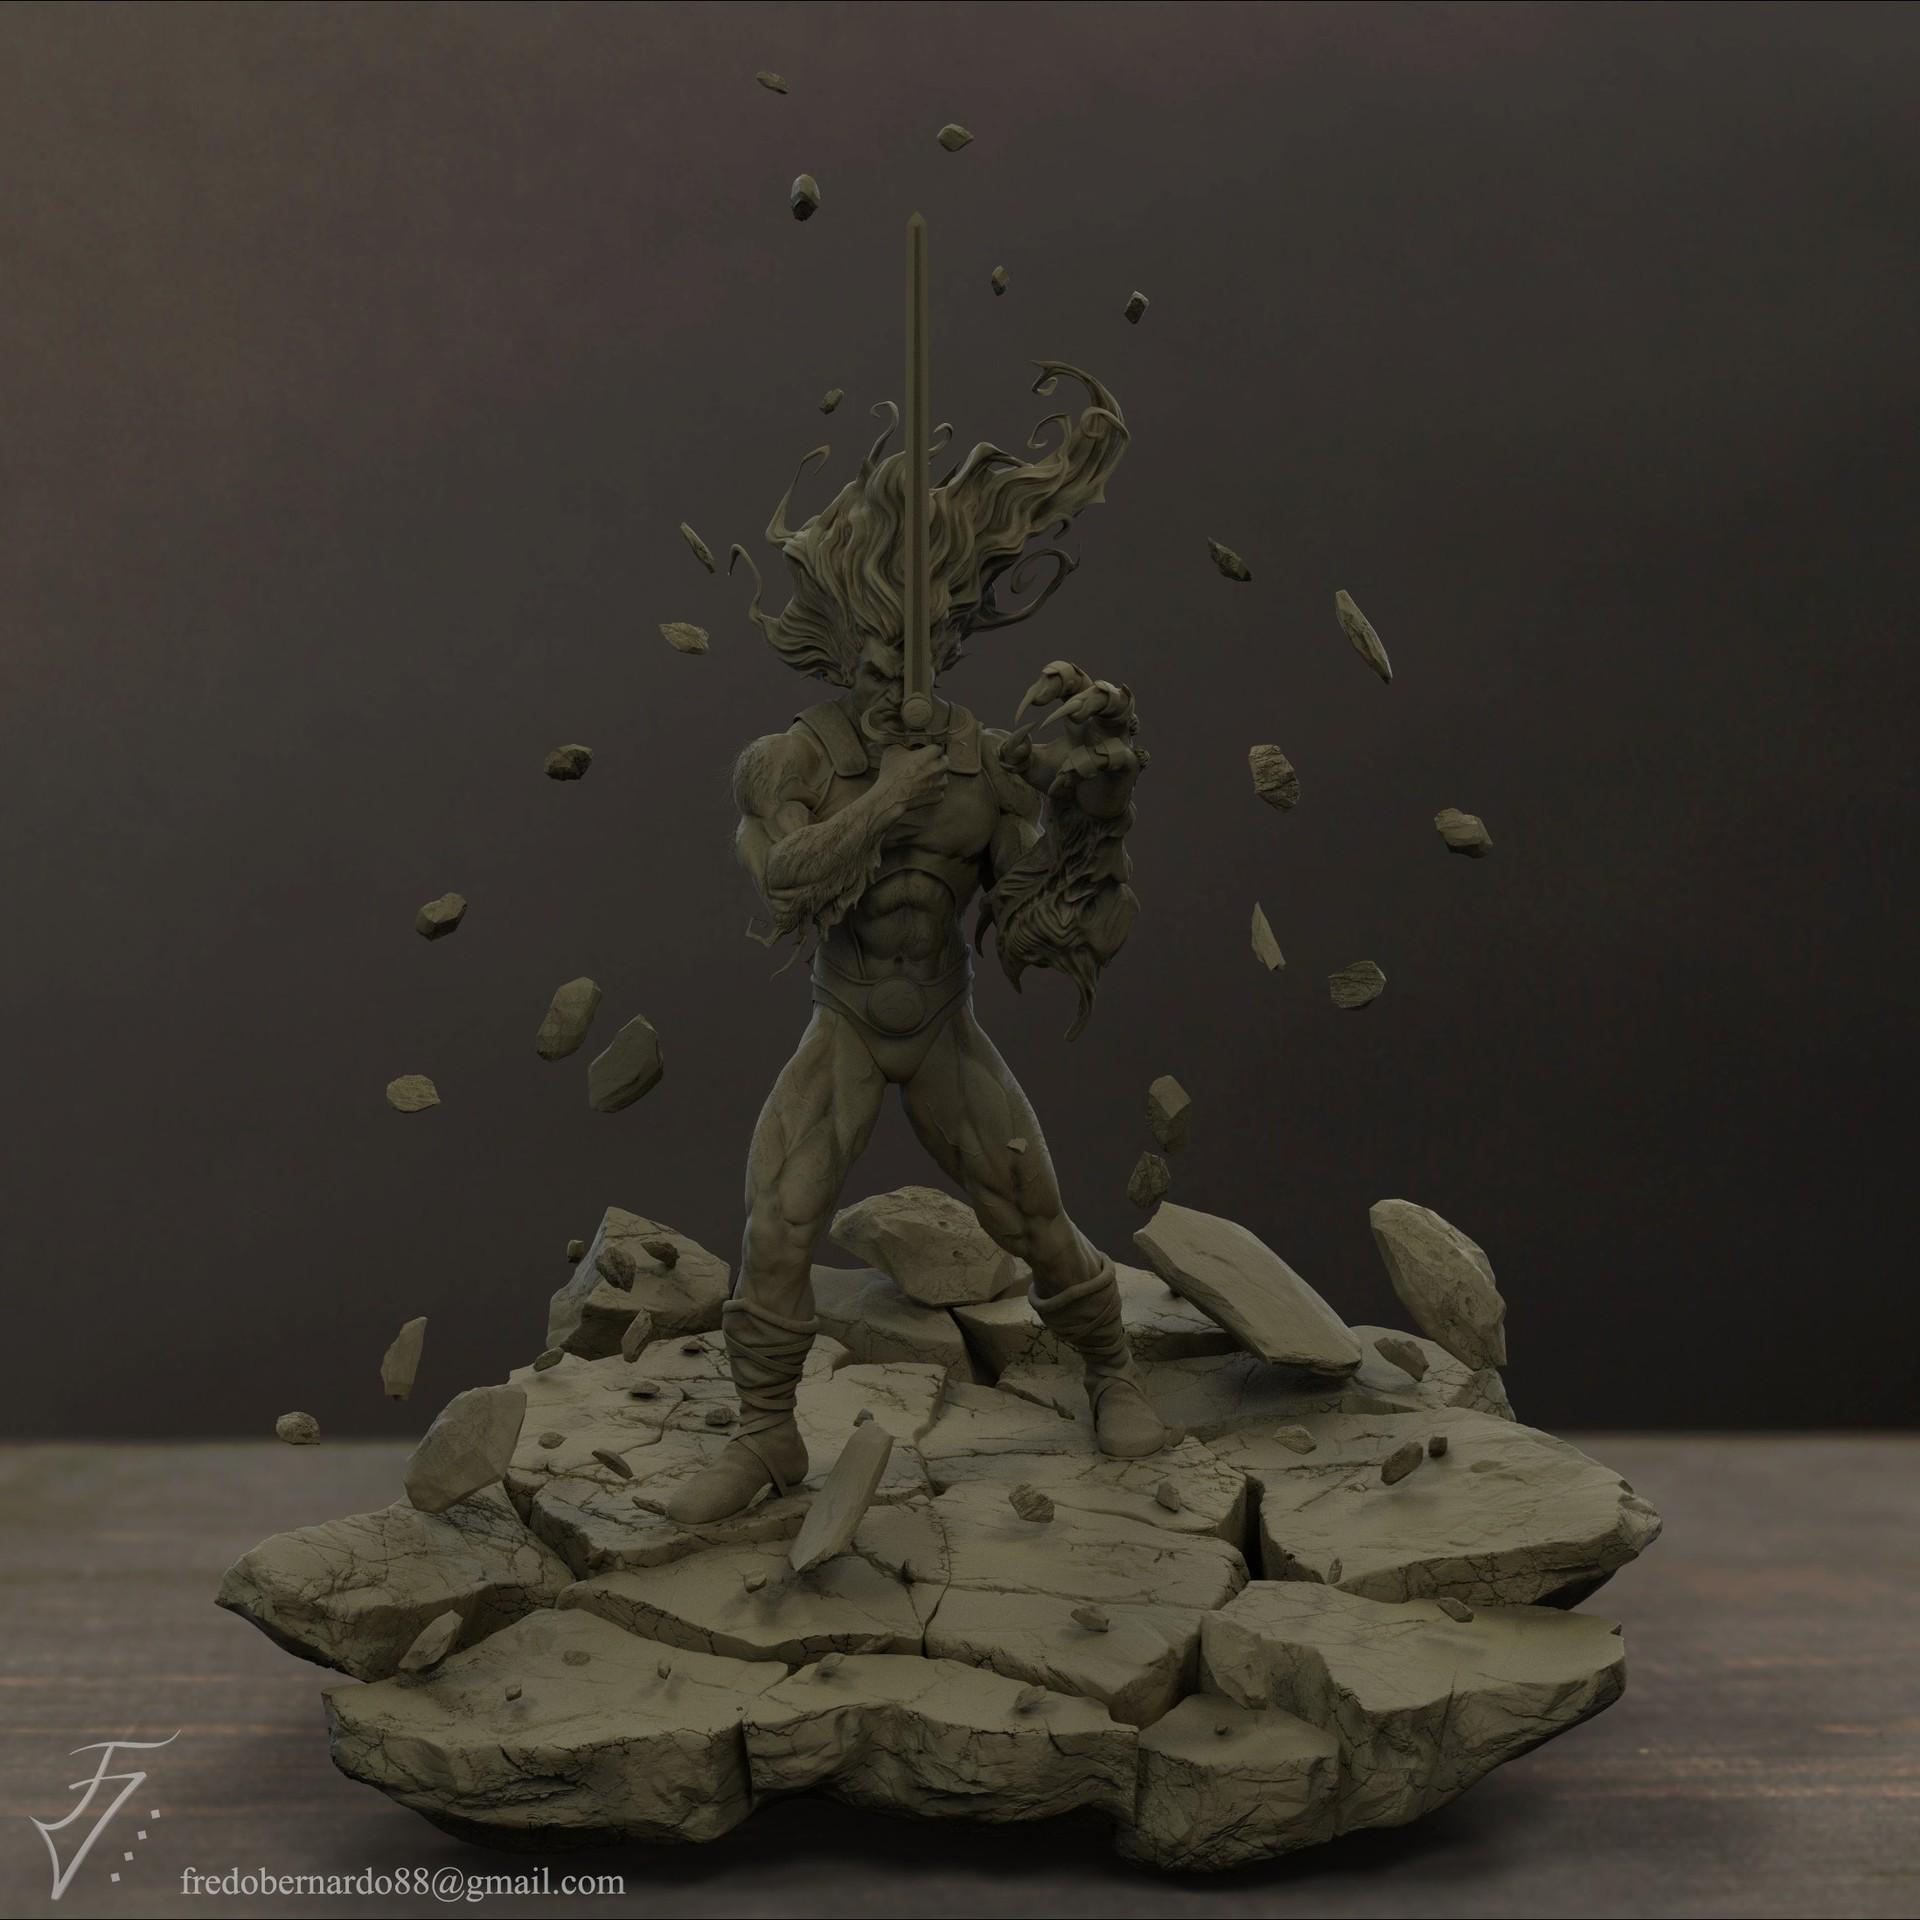 Fredo viktor lion o clay ver02